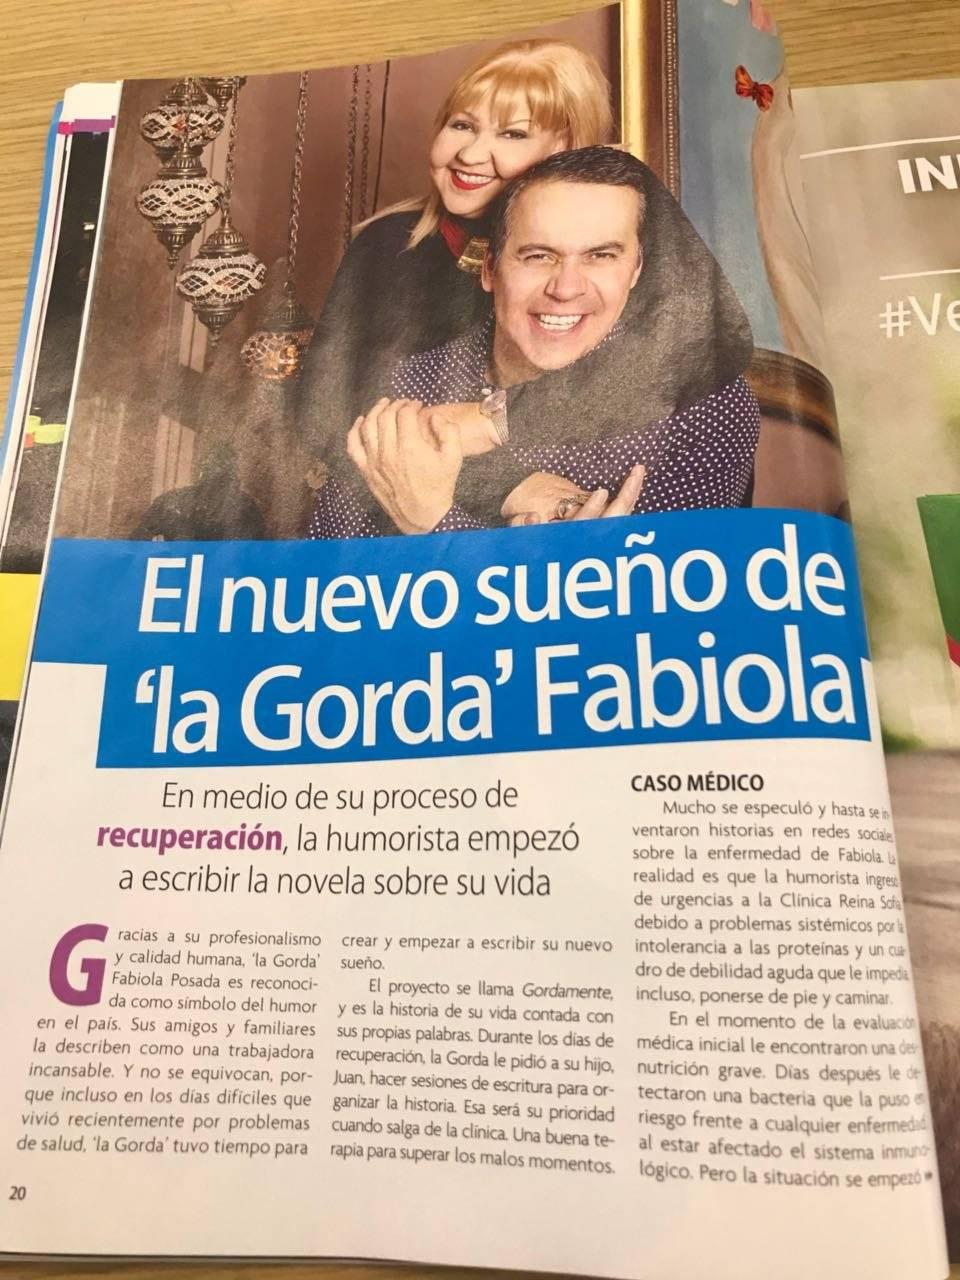 La gorda Fabiola